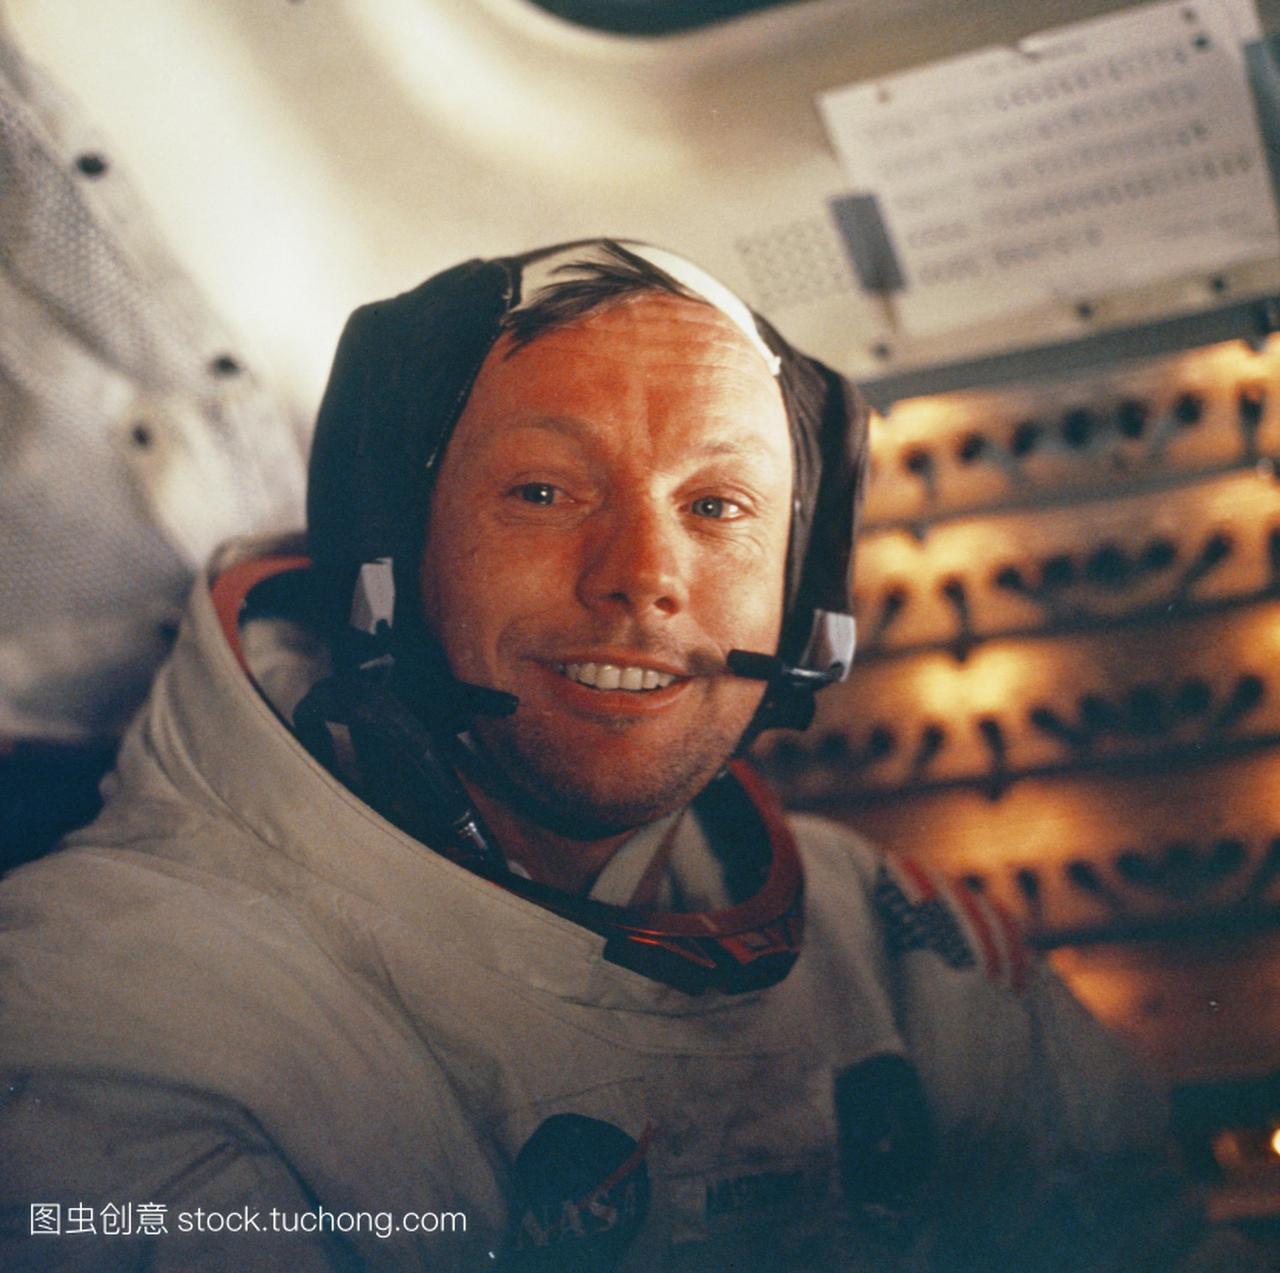 阿波罗11号在登月舱里拍摄指挥官尼尔·阿姆